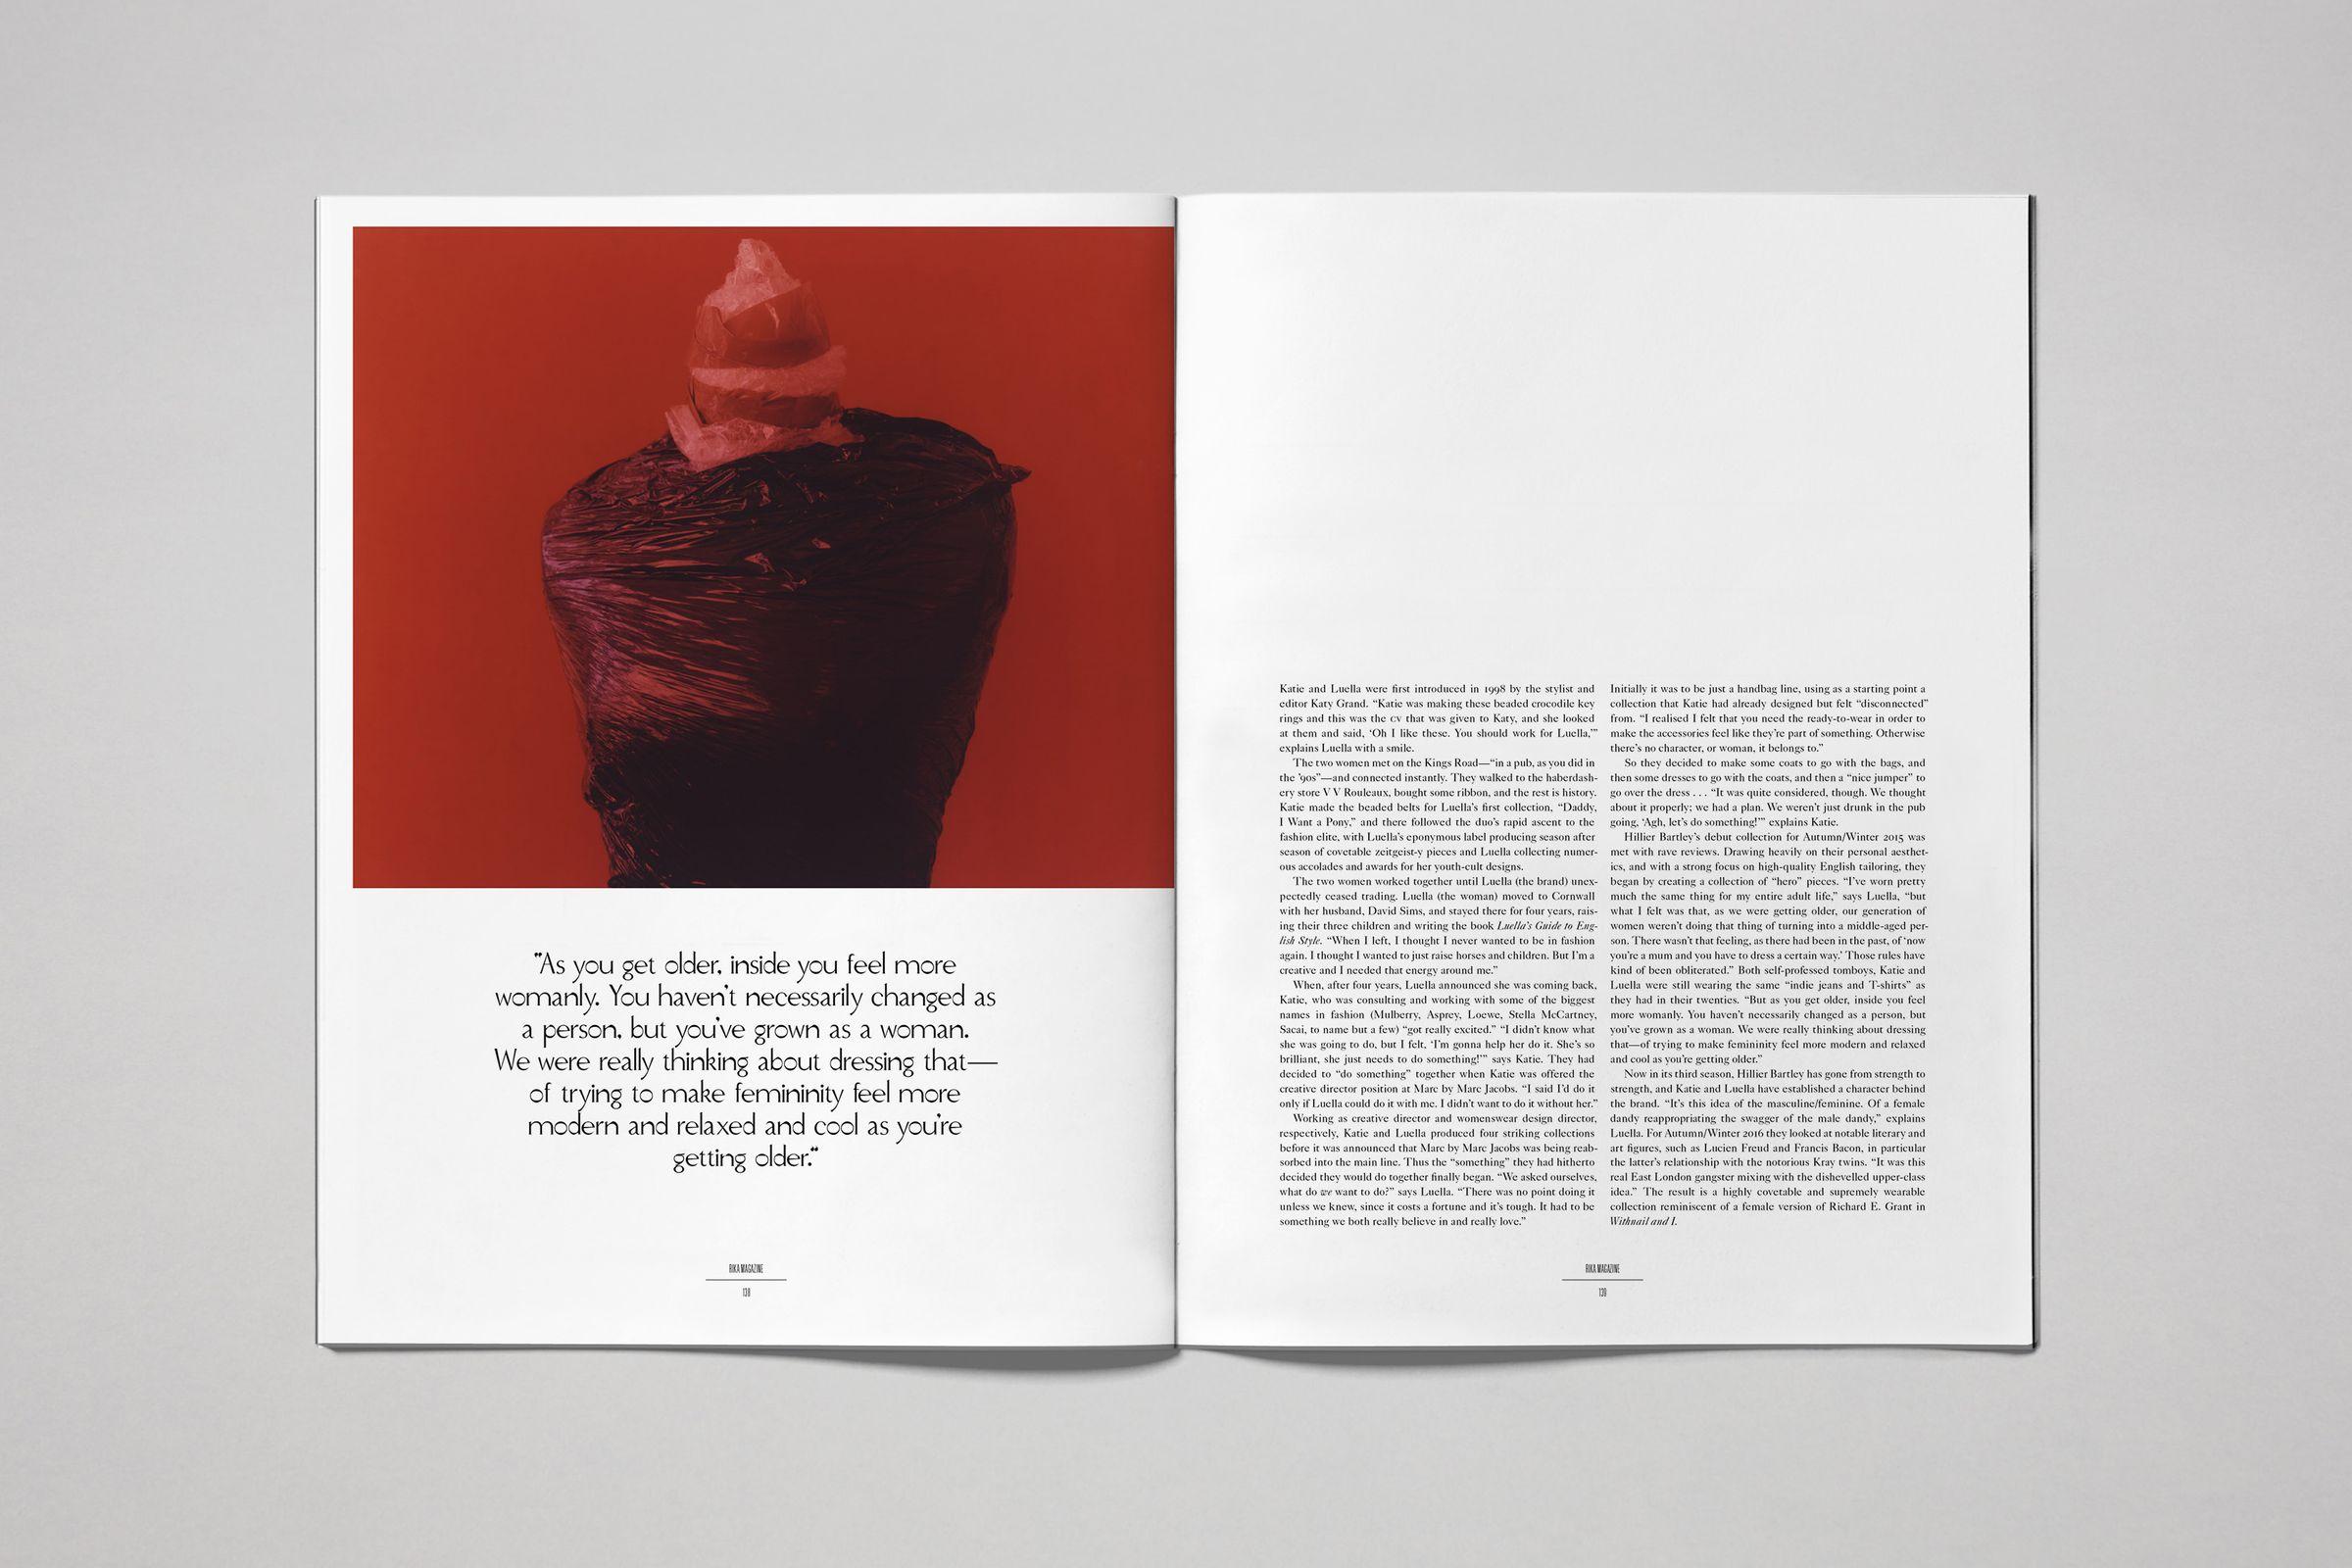 Rika Magazine issue no. 15 Hillier Bartley